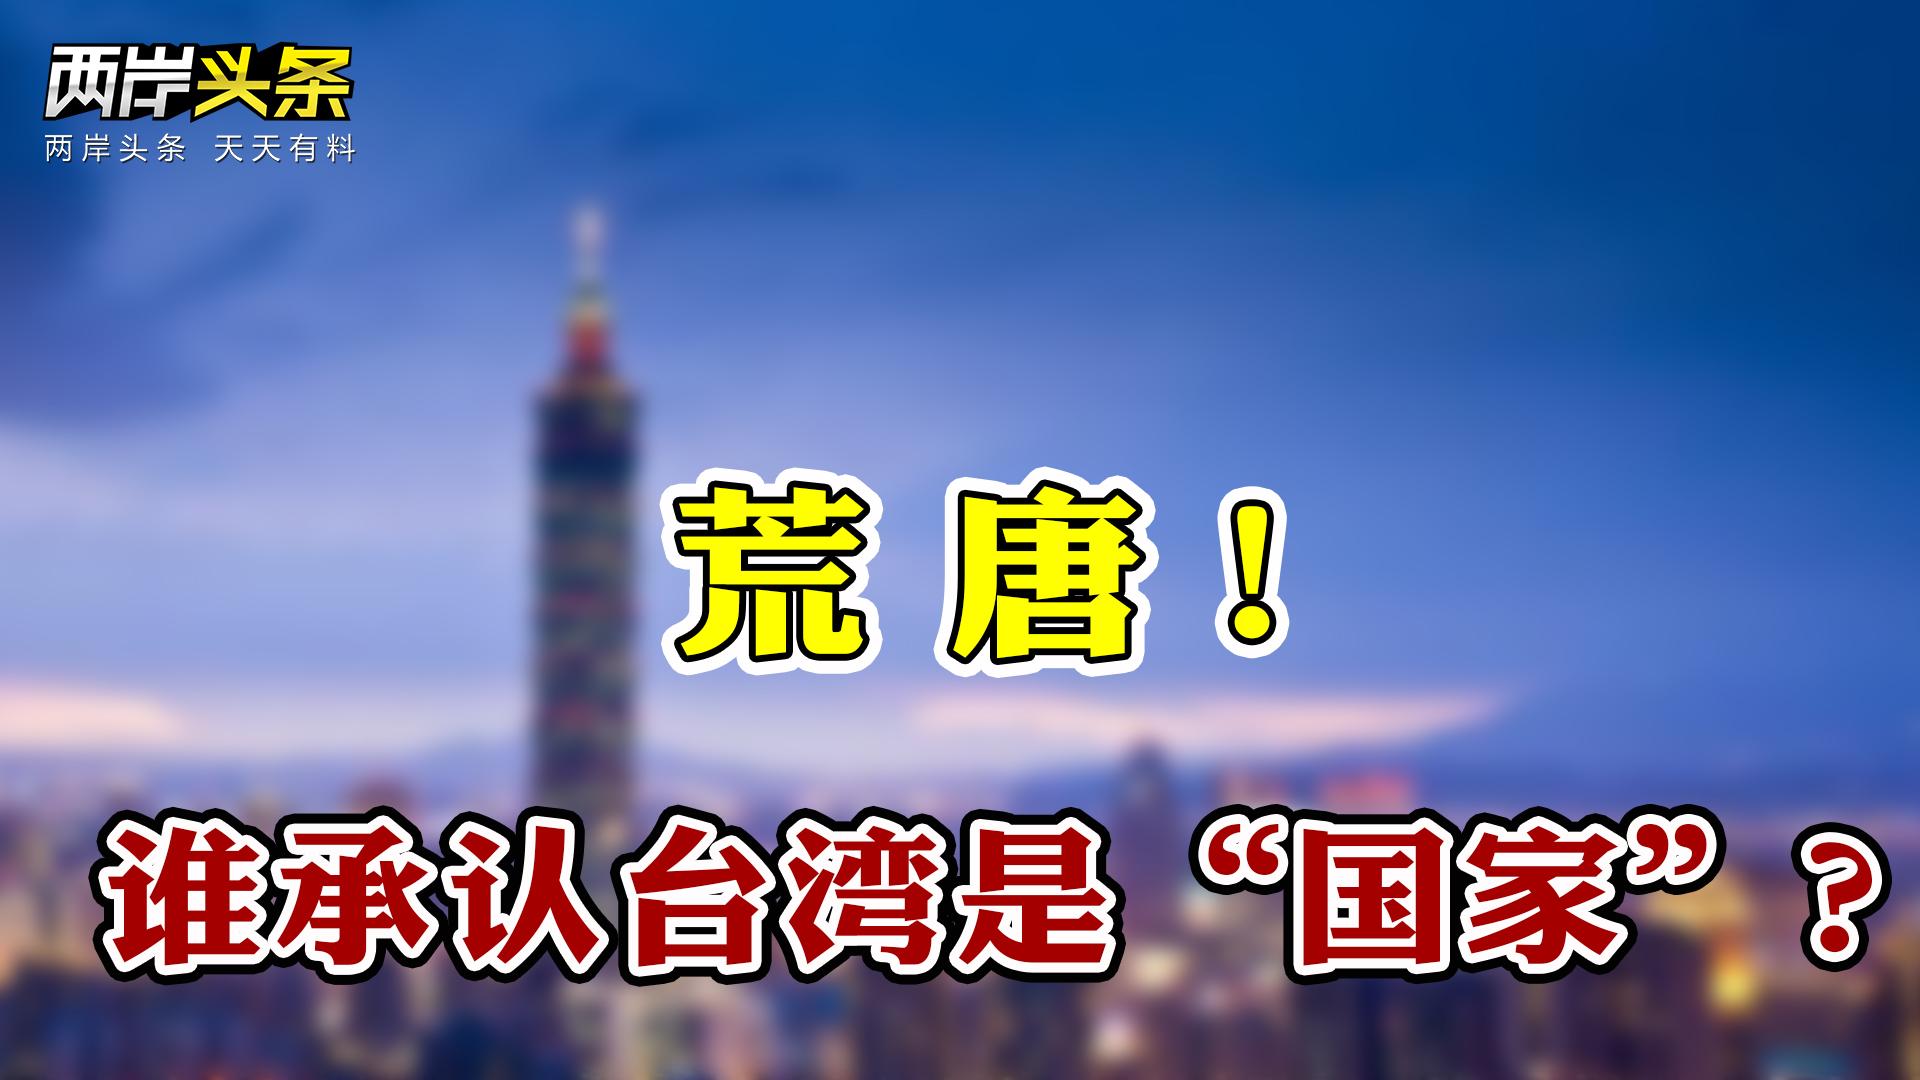 """法媒称台湾为""""国家""""?我驻法使馆驳斥 国民党将搬迁为缩减开支图片"""